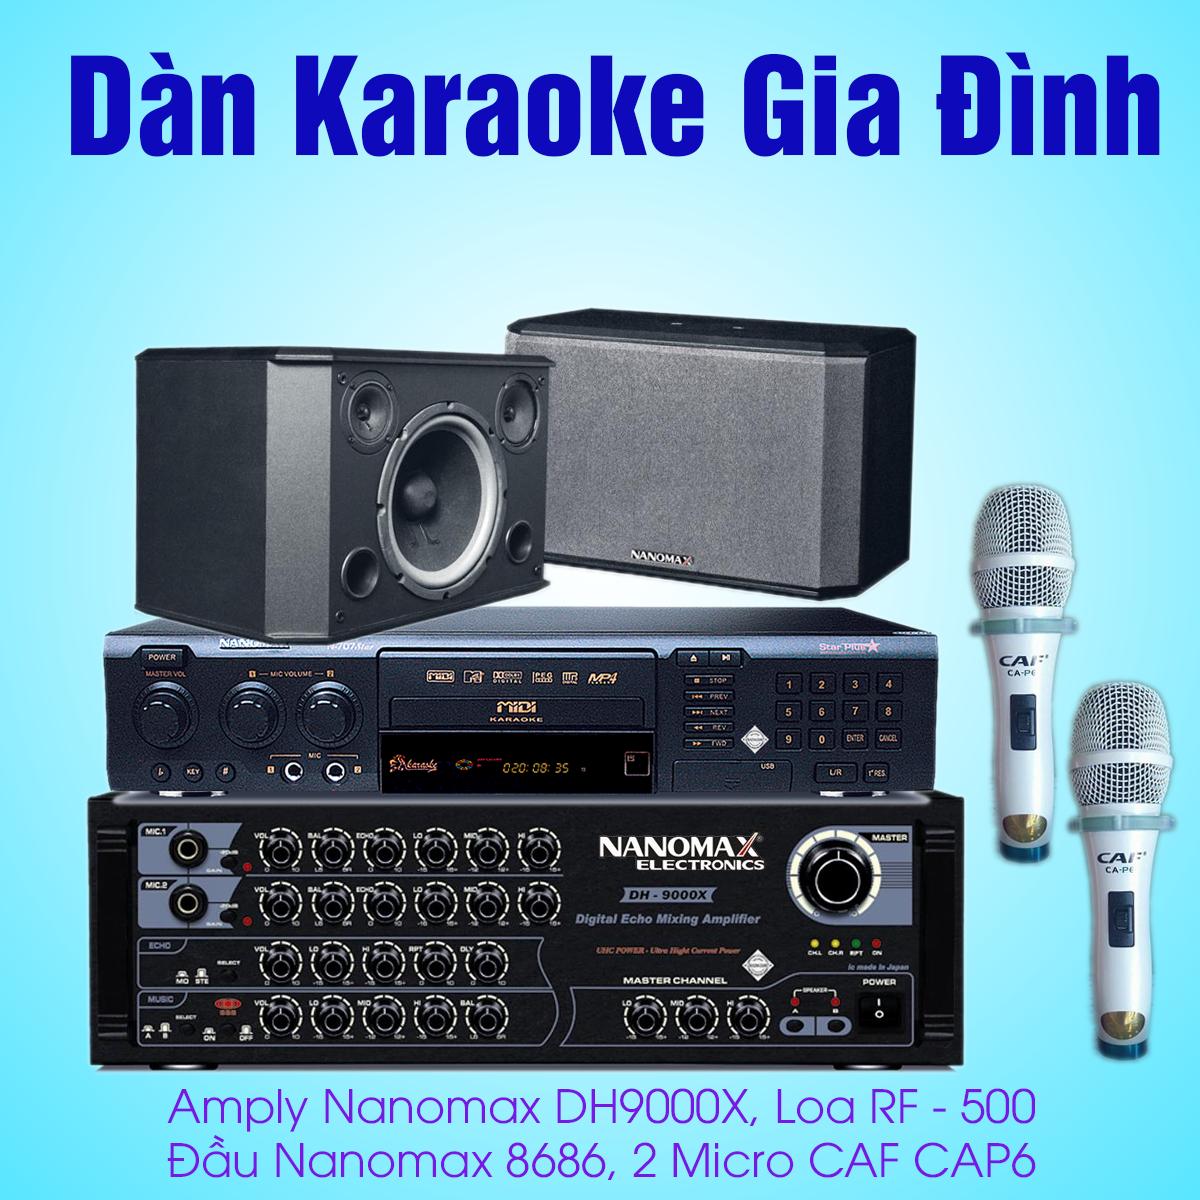 cấu hình dàn karaoke gia đình nanomax giá rẻ